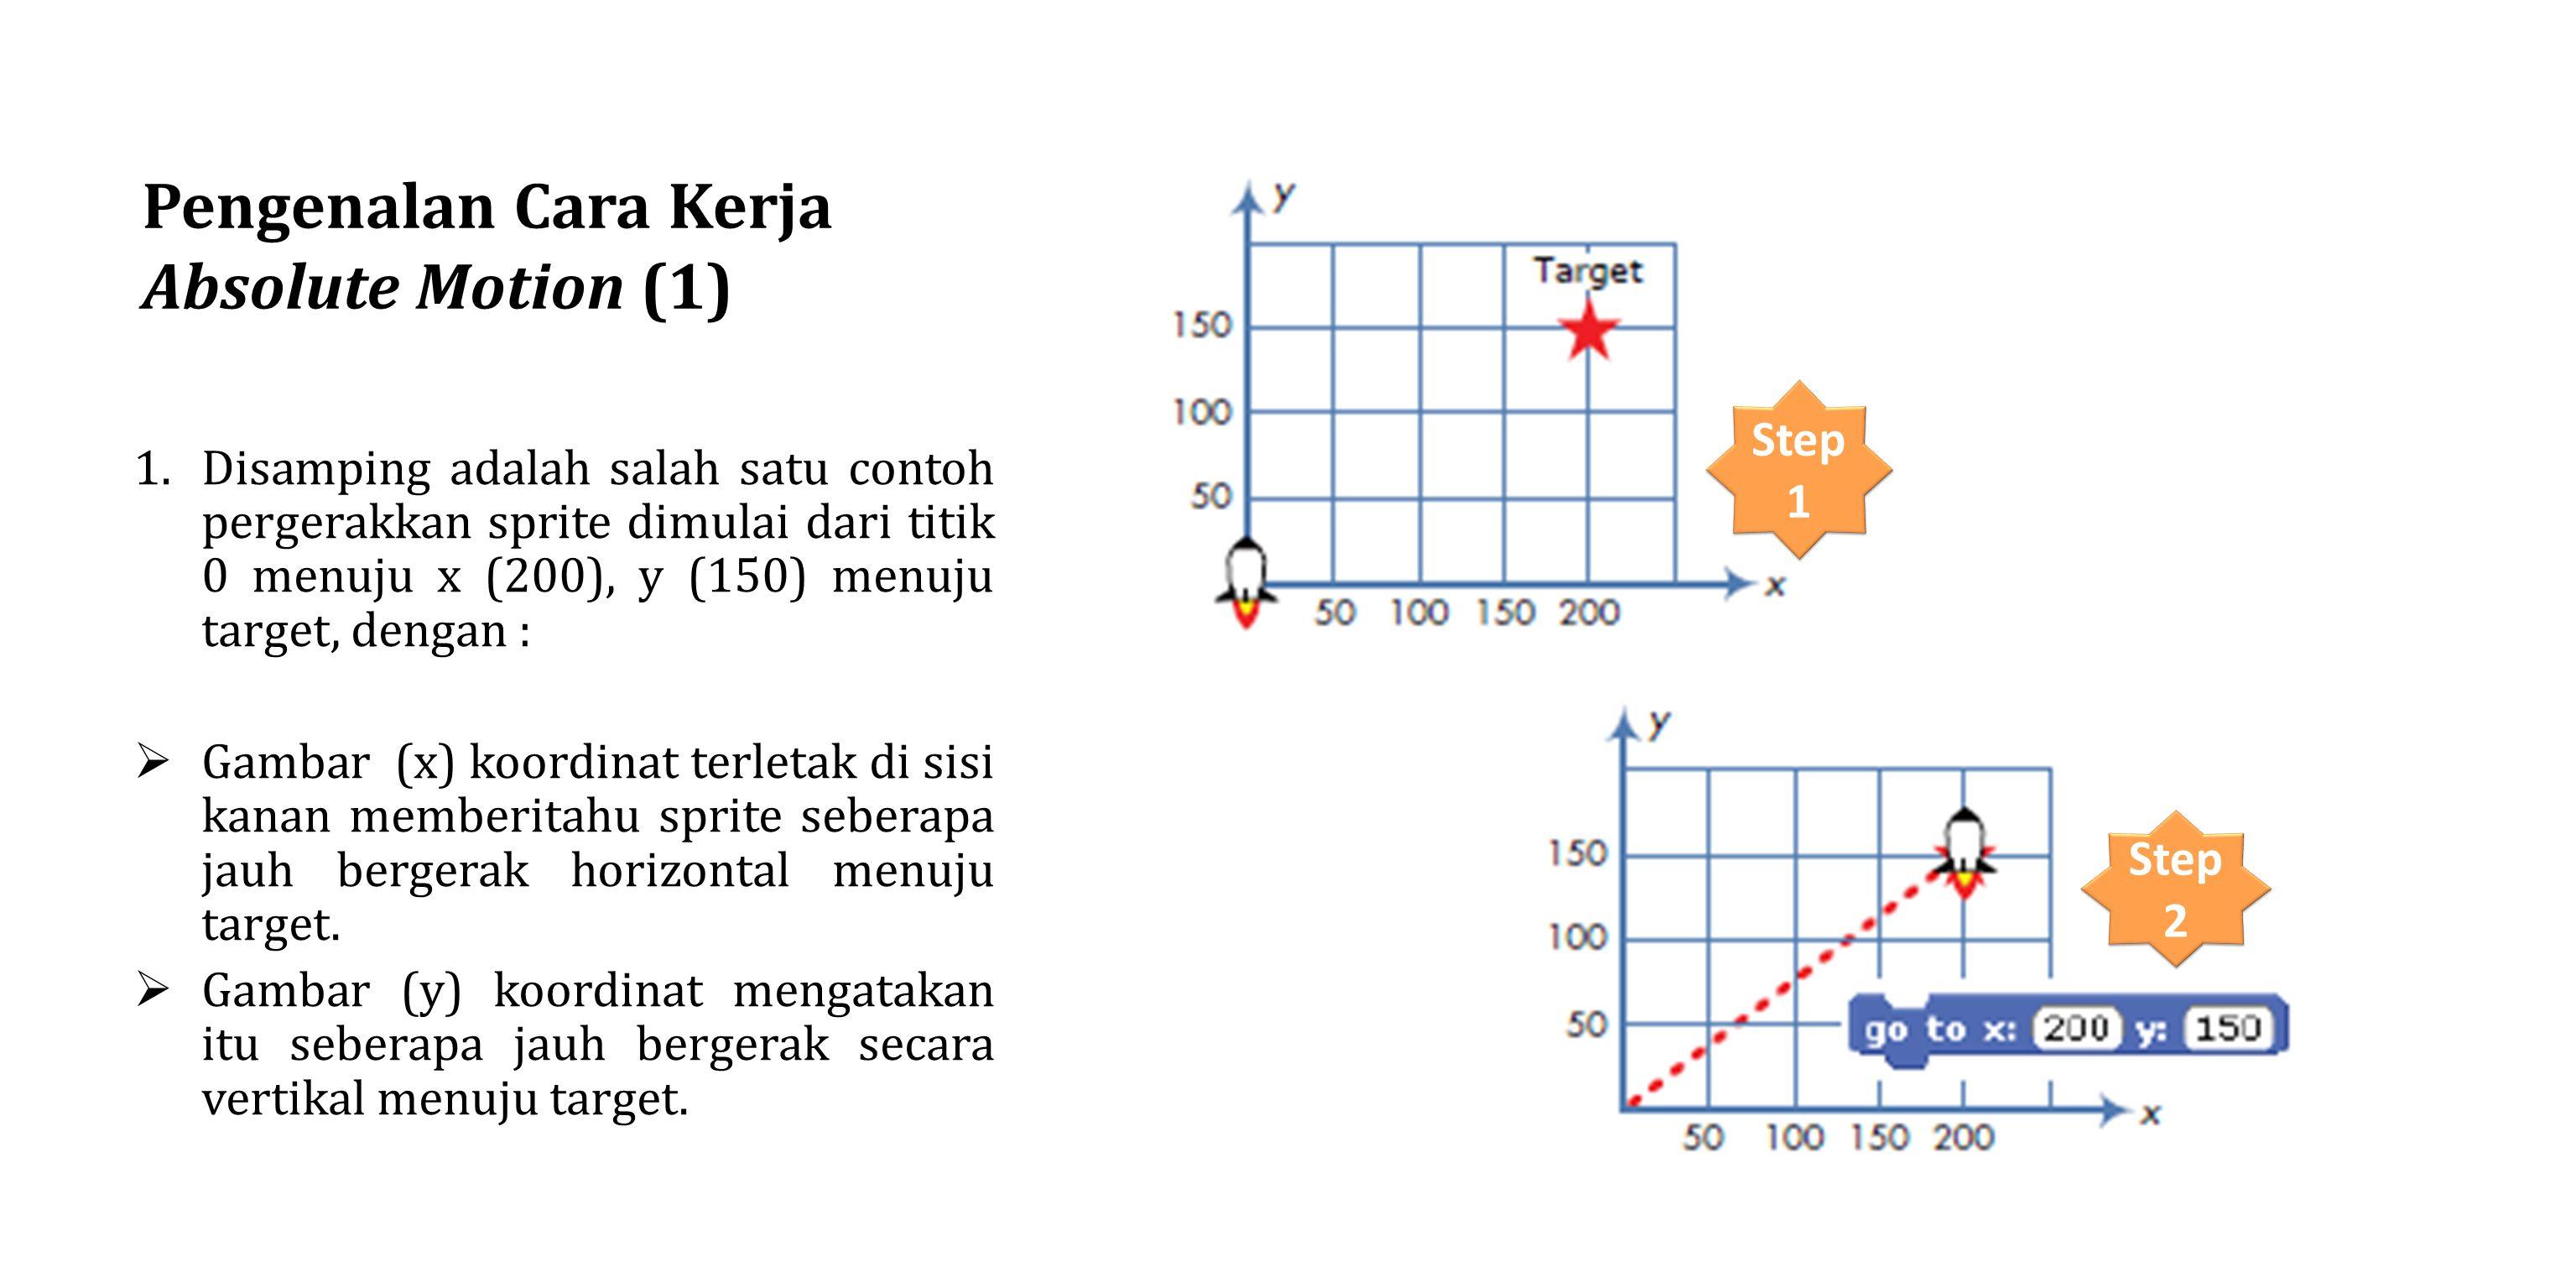 Pengenalan Cara Kerja Absolute Motion (1) 1.Disamping adalah salah satu contoh pergerakkan sprite dimulai dari titik 0 menuju x (200), y (150) menuju